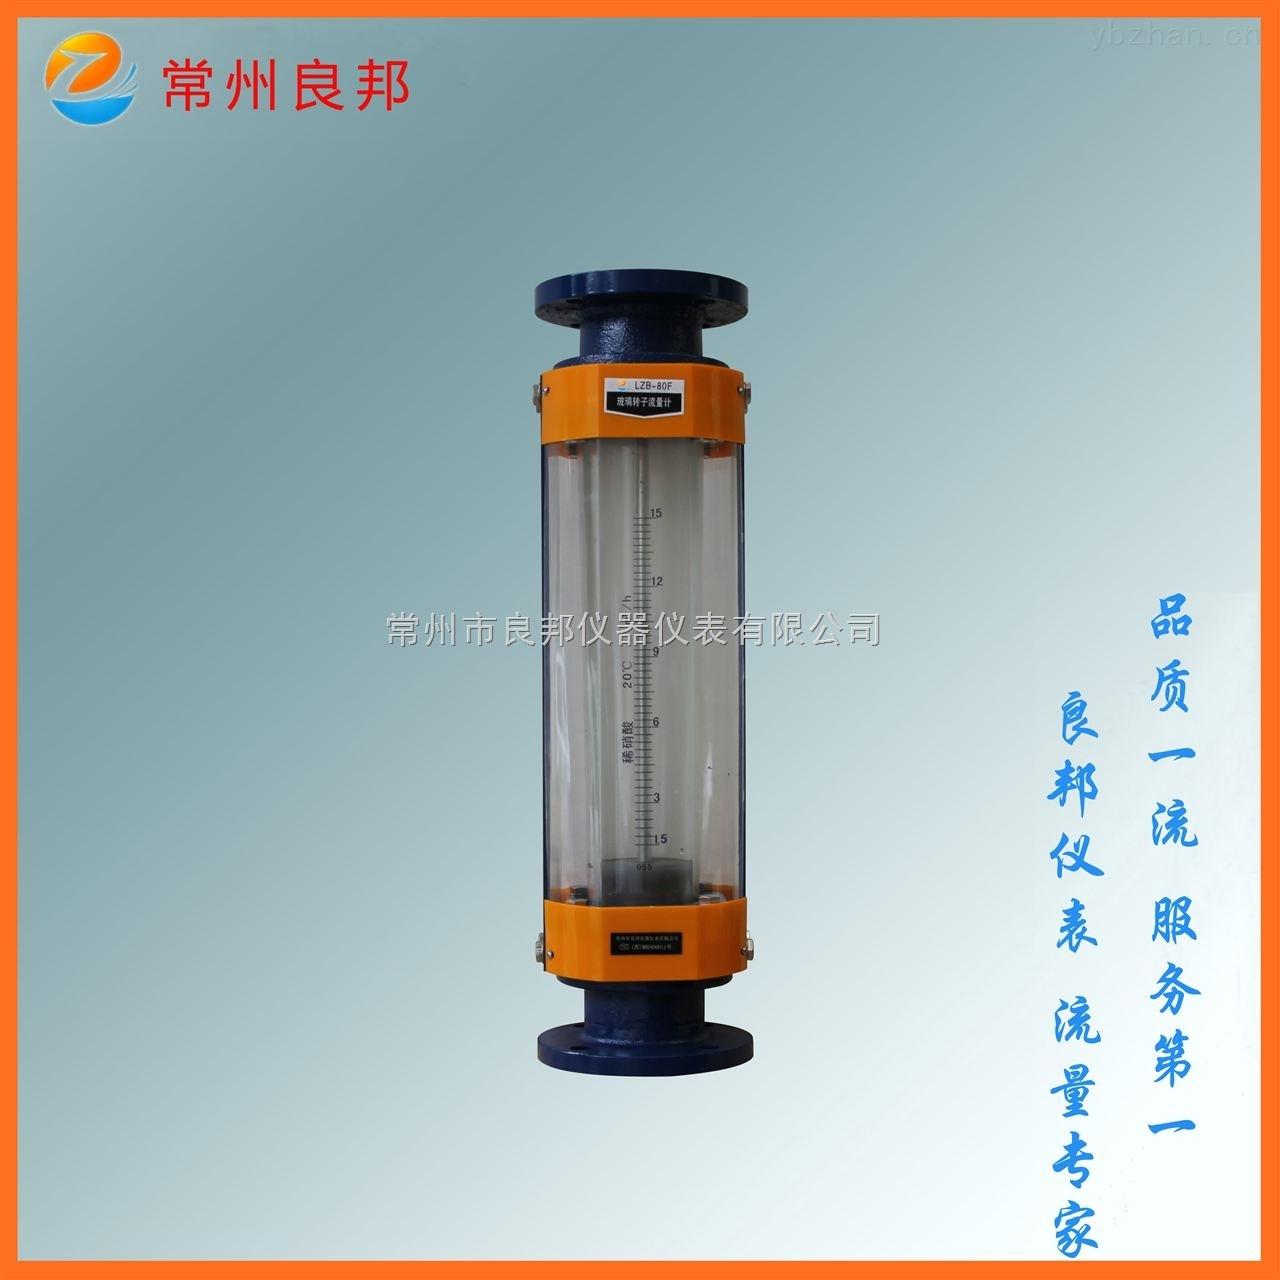 LZB-80-LZB-80良邦儀表玻璃轉子流量計廠家特價